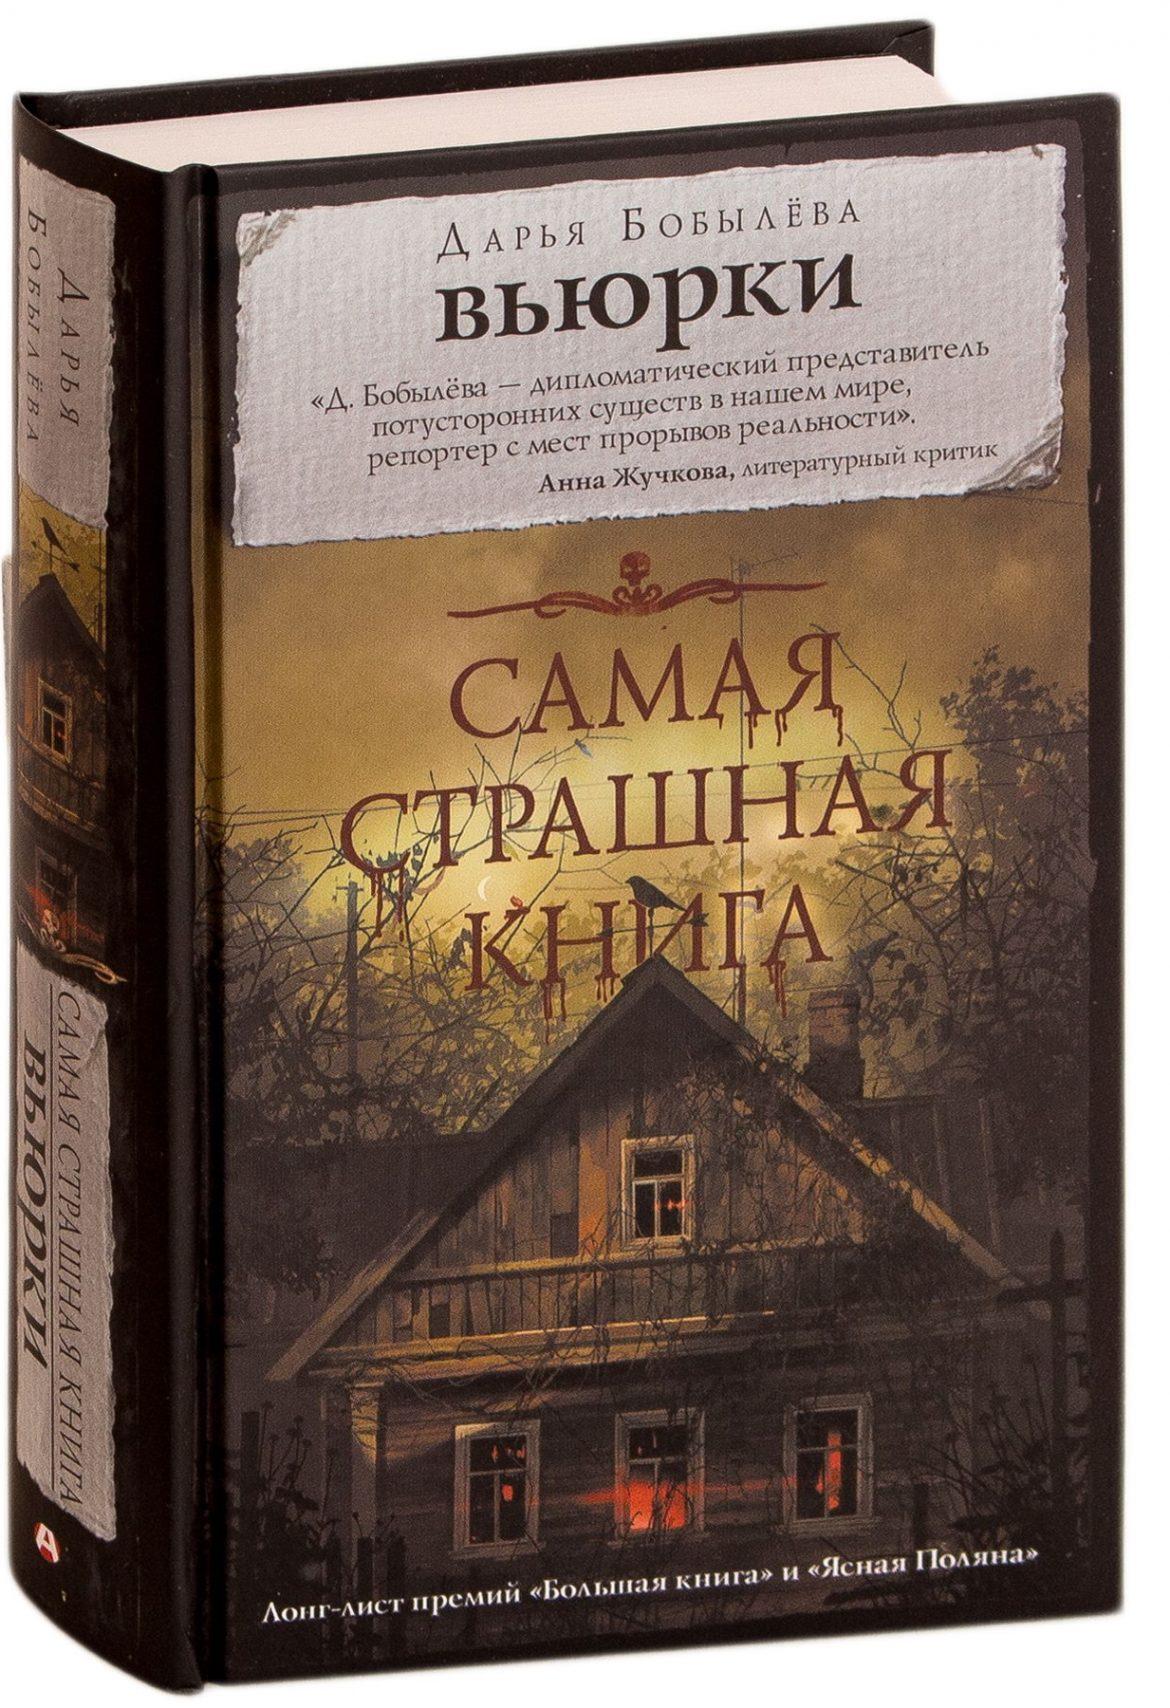 Вьюрки — Дарья Бобылева